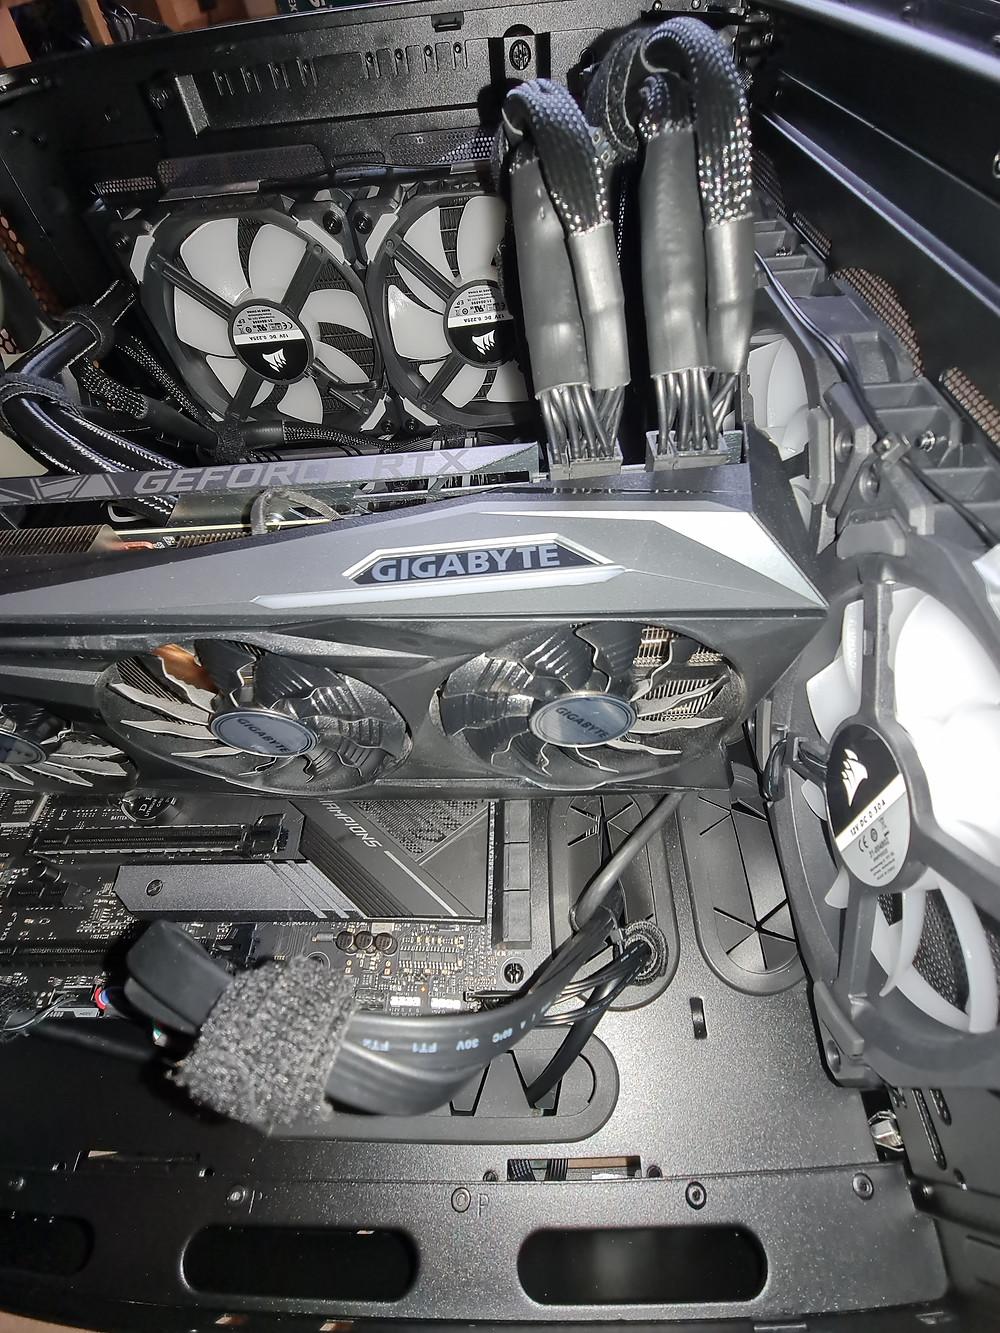 GPU PCIE connectors